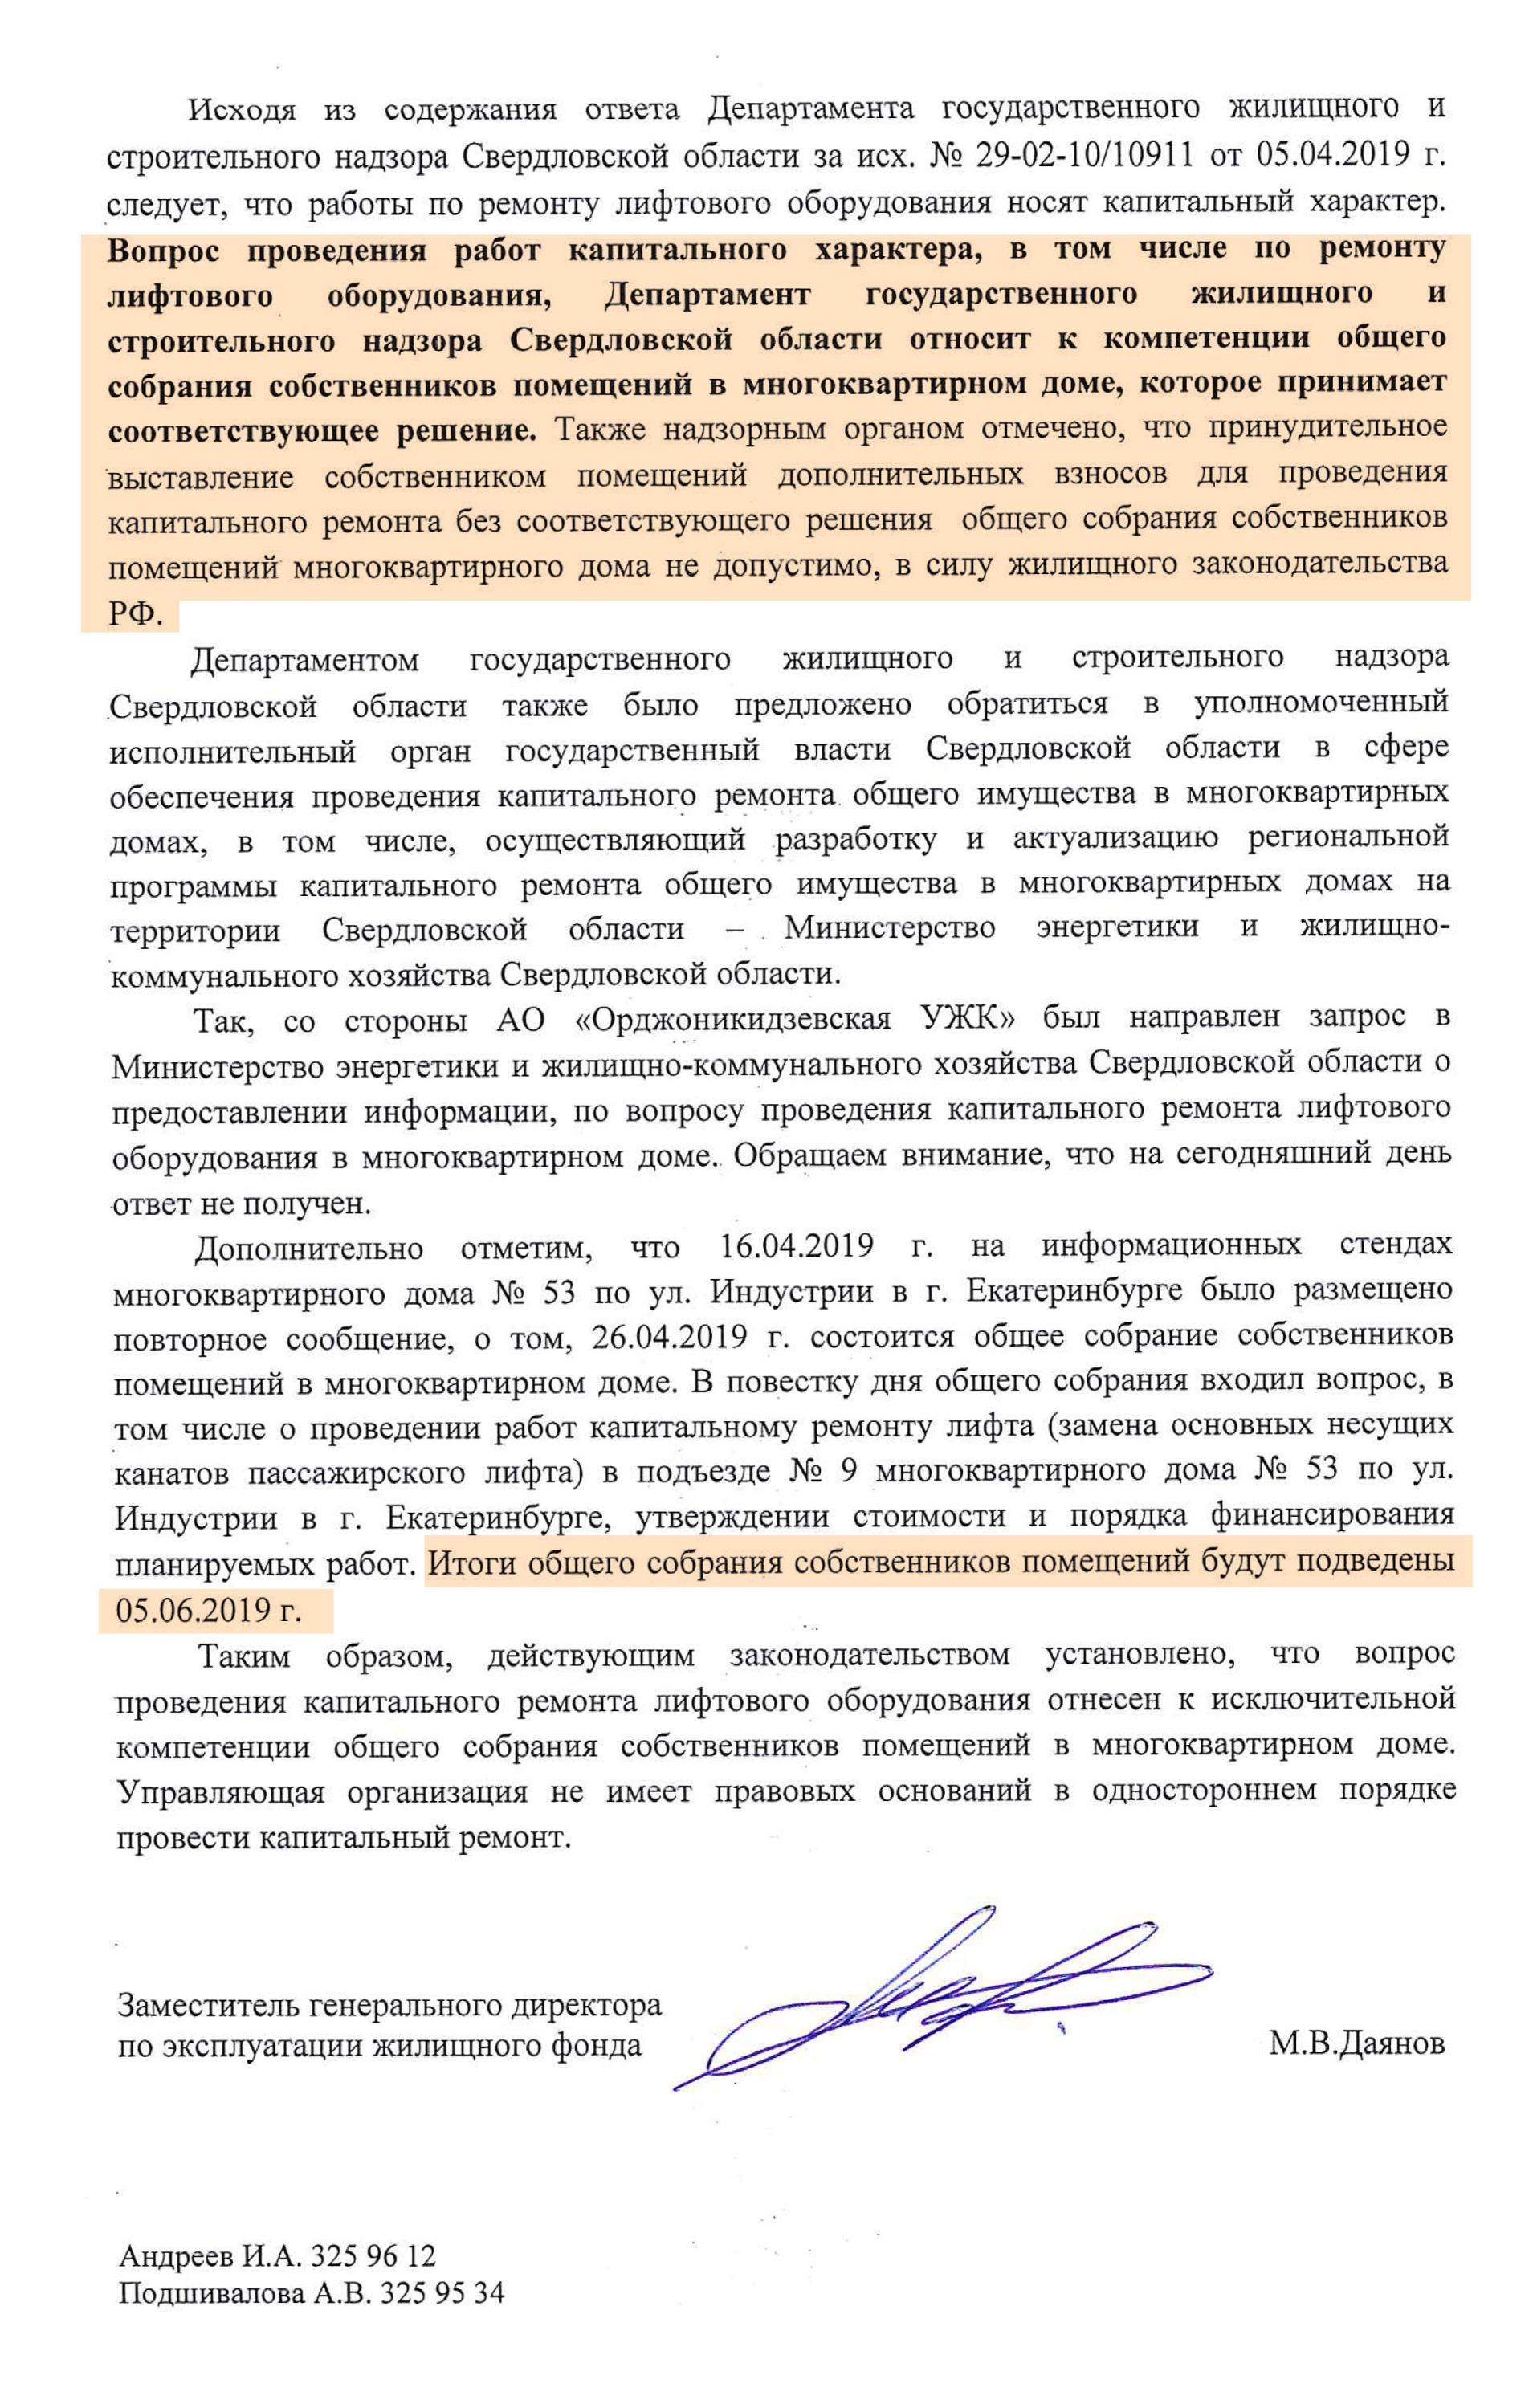 В УК объяснили, зачем за ремонт лифта в одном подъезде должен голосовать весь дом на Уралмаше